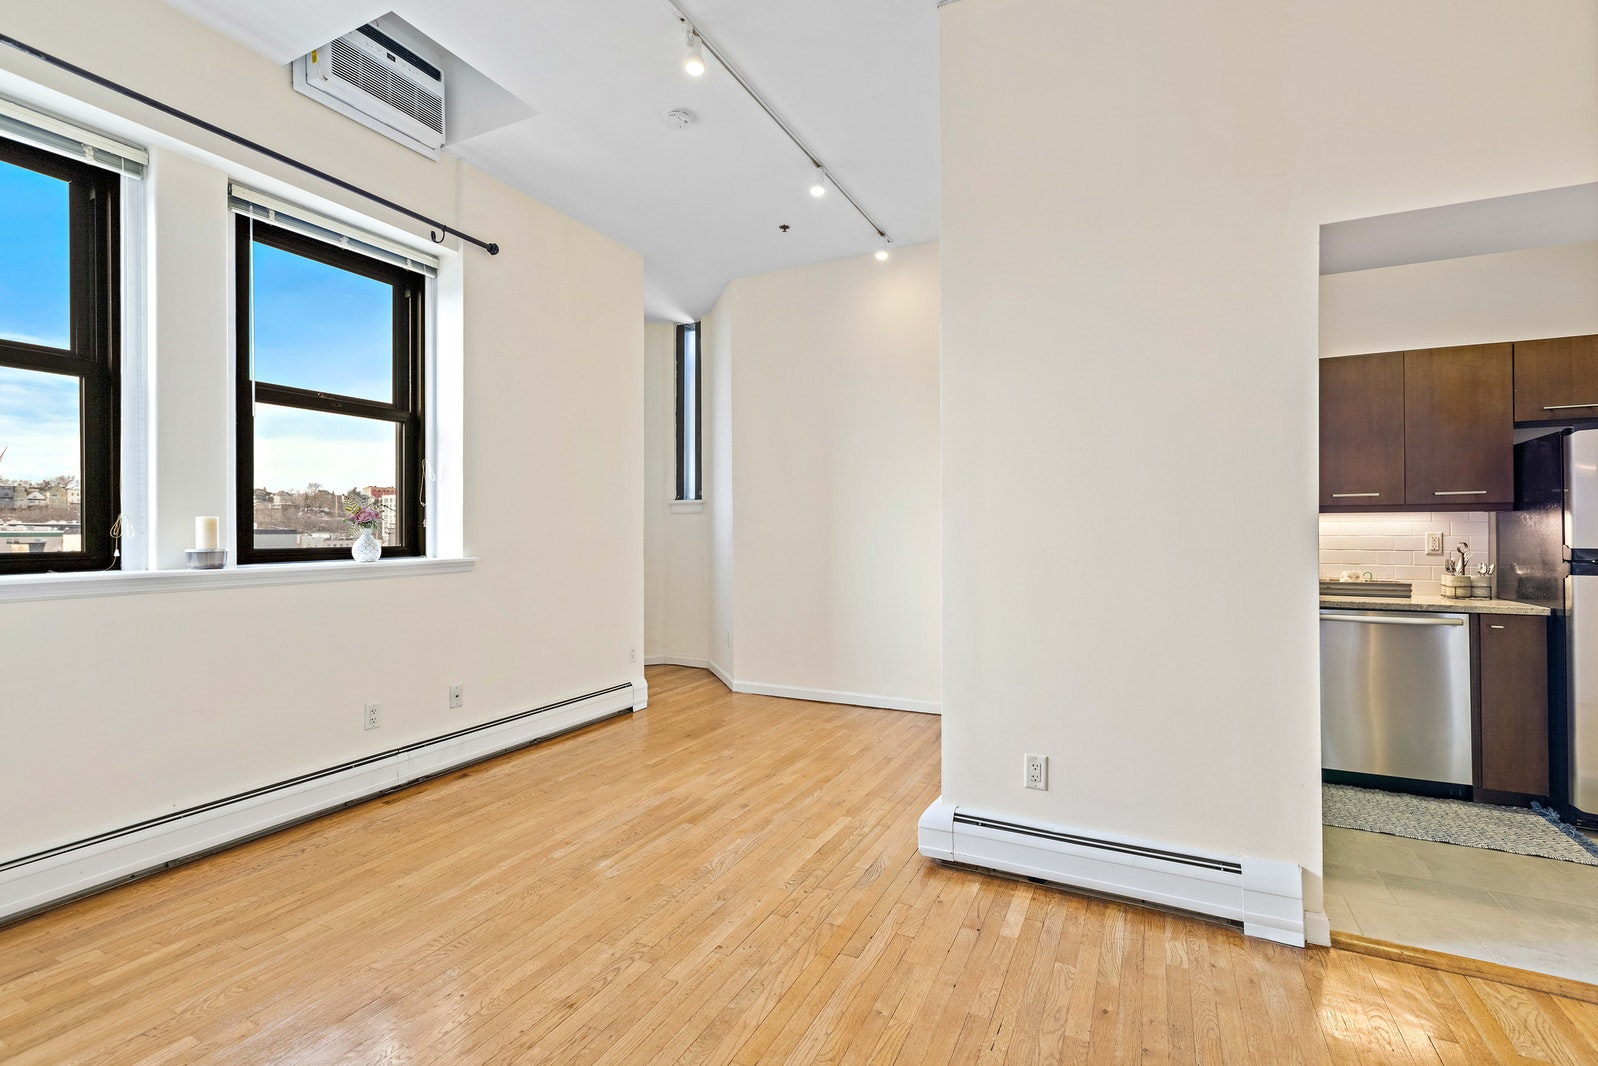 501 ADAMS ST 5F, Hoboken, $440,000, Web #: 20698684